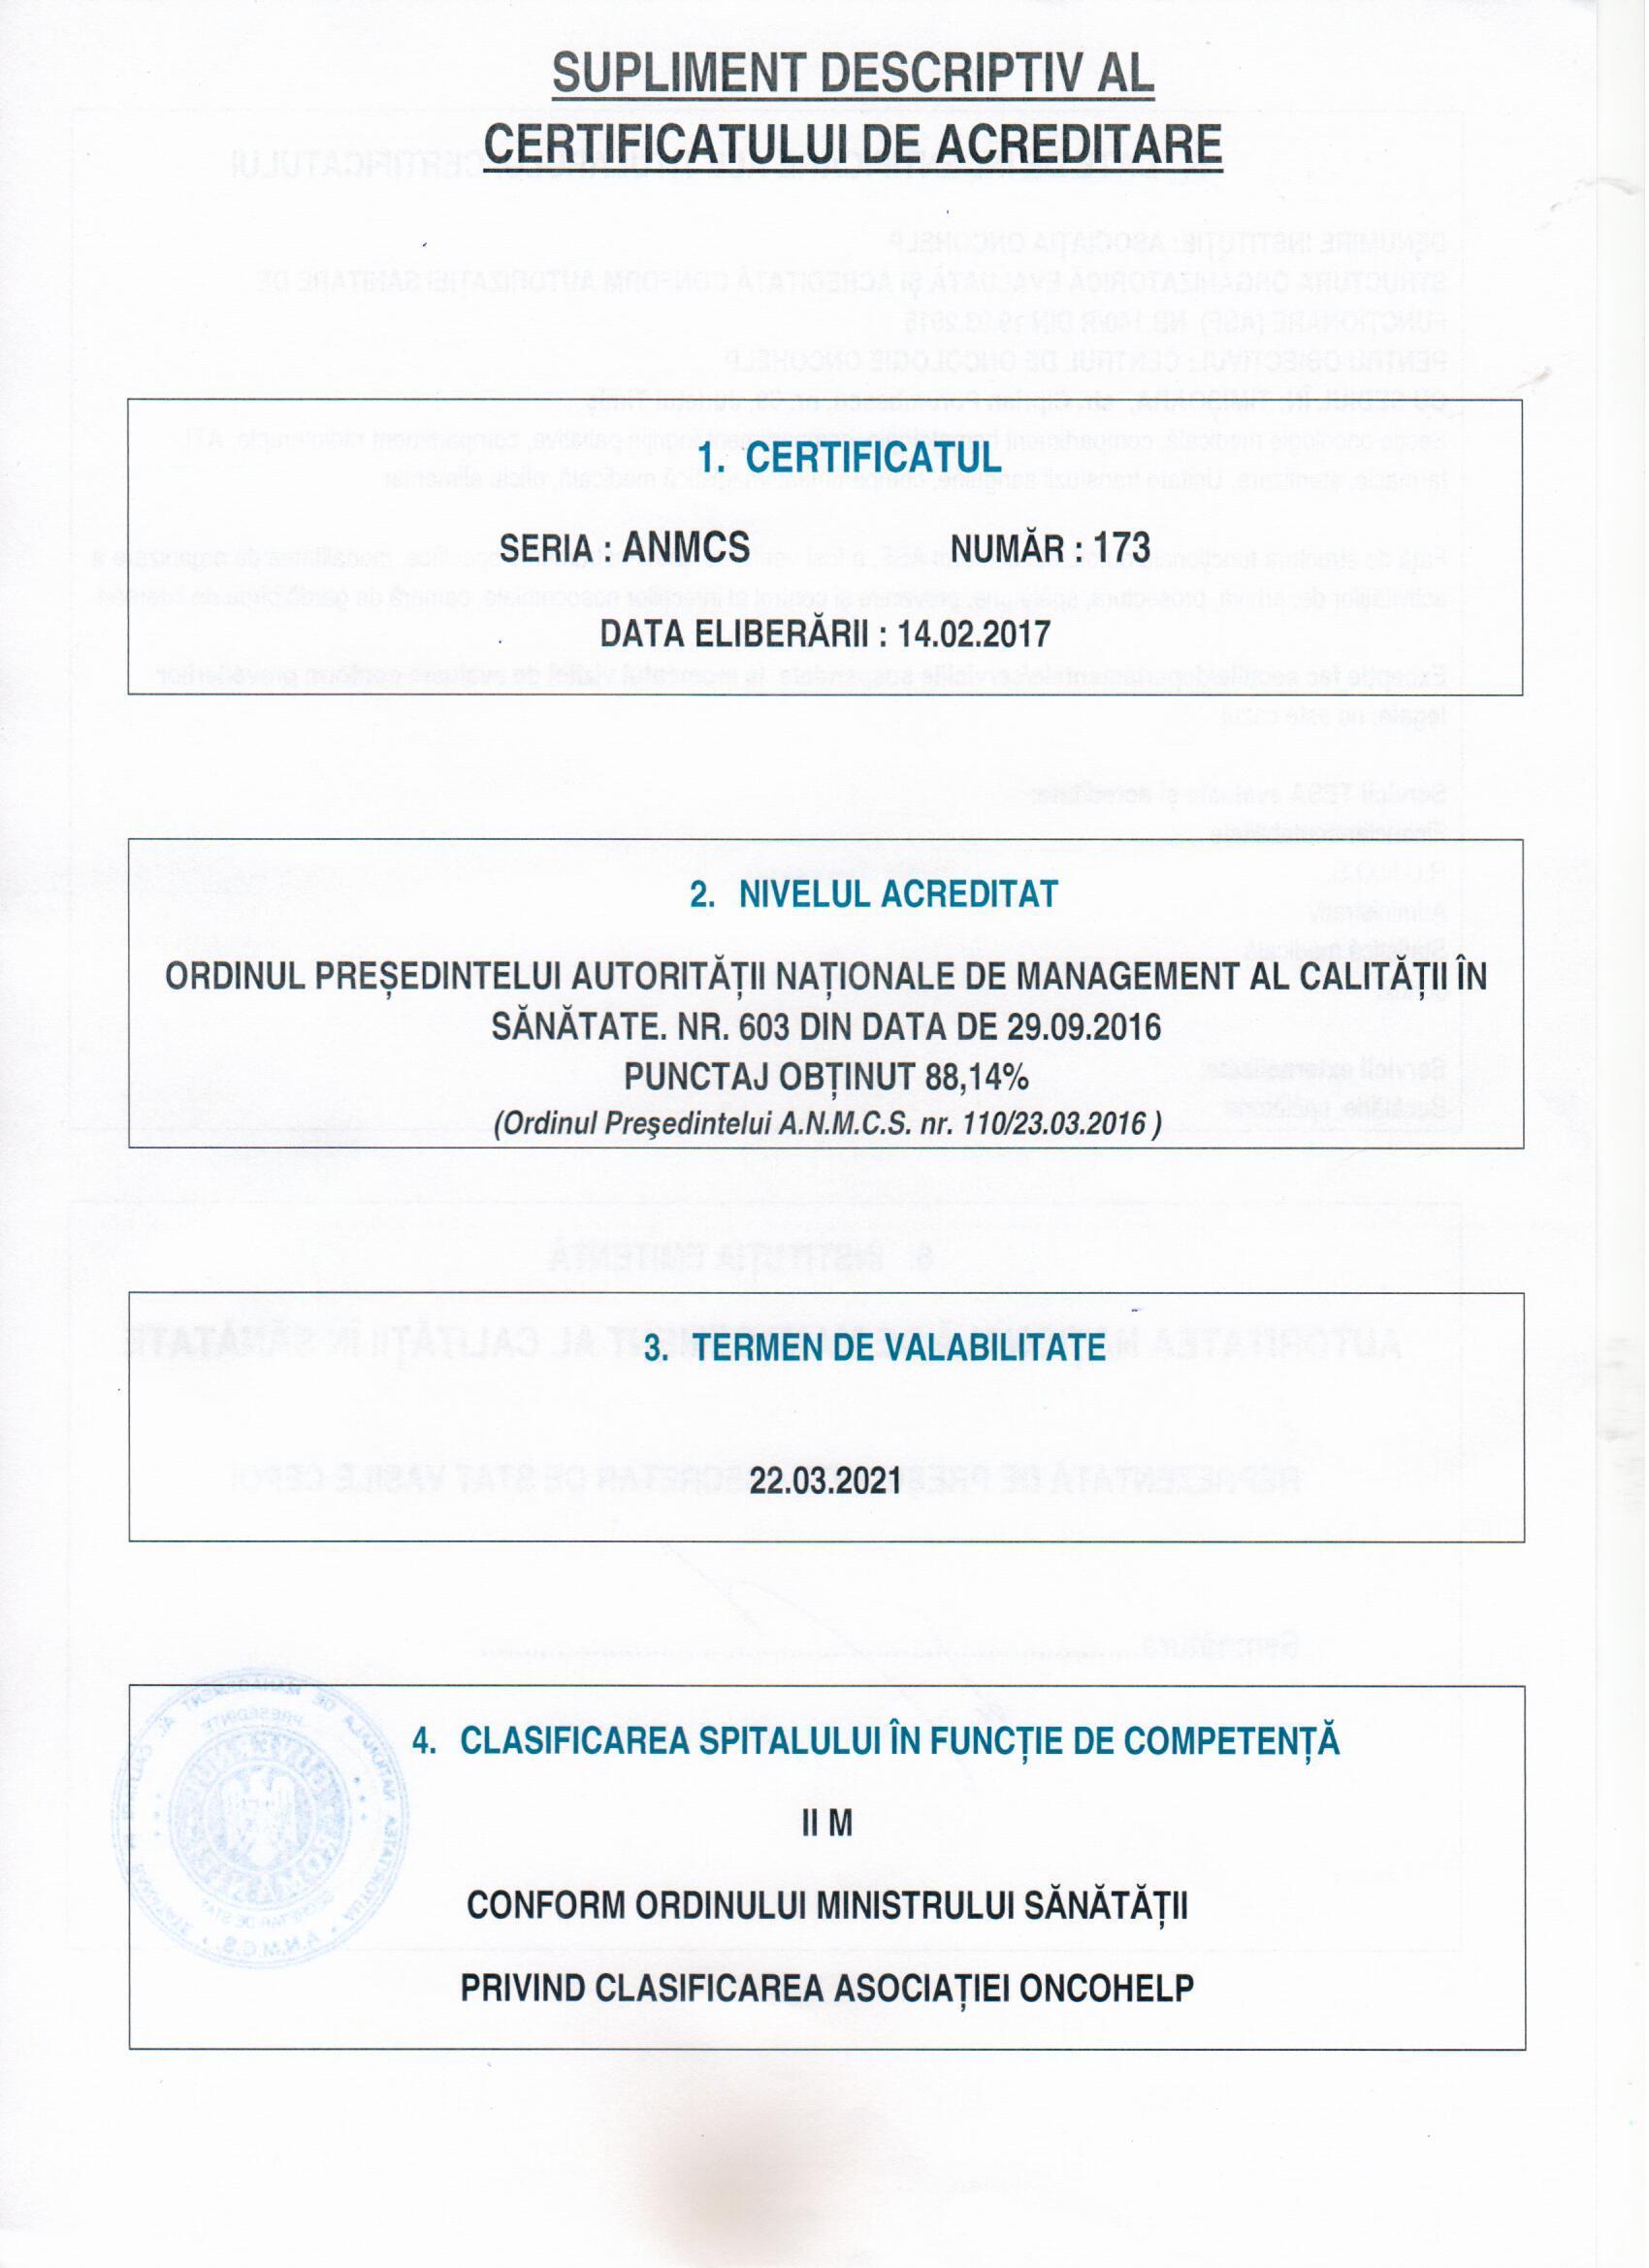 Certificat de acreditare 2